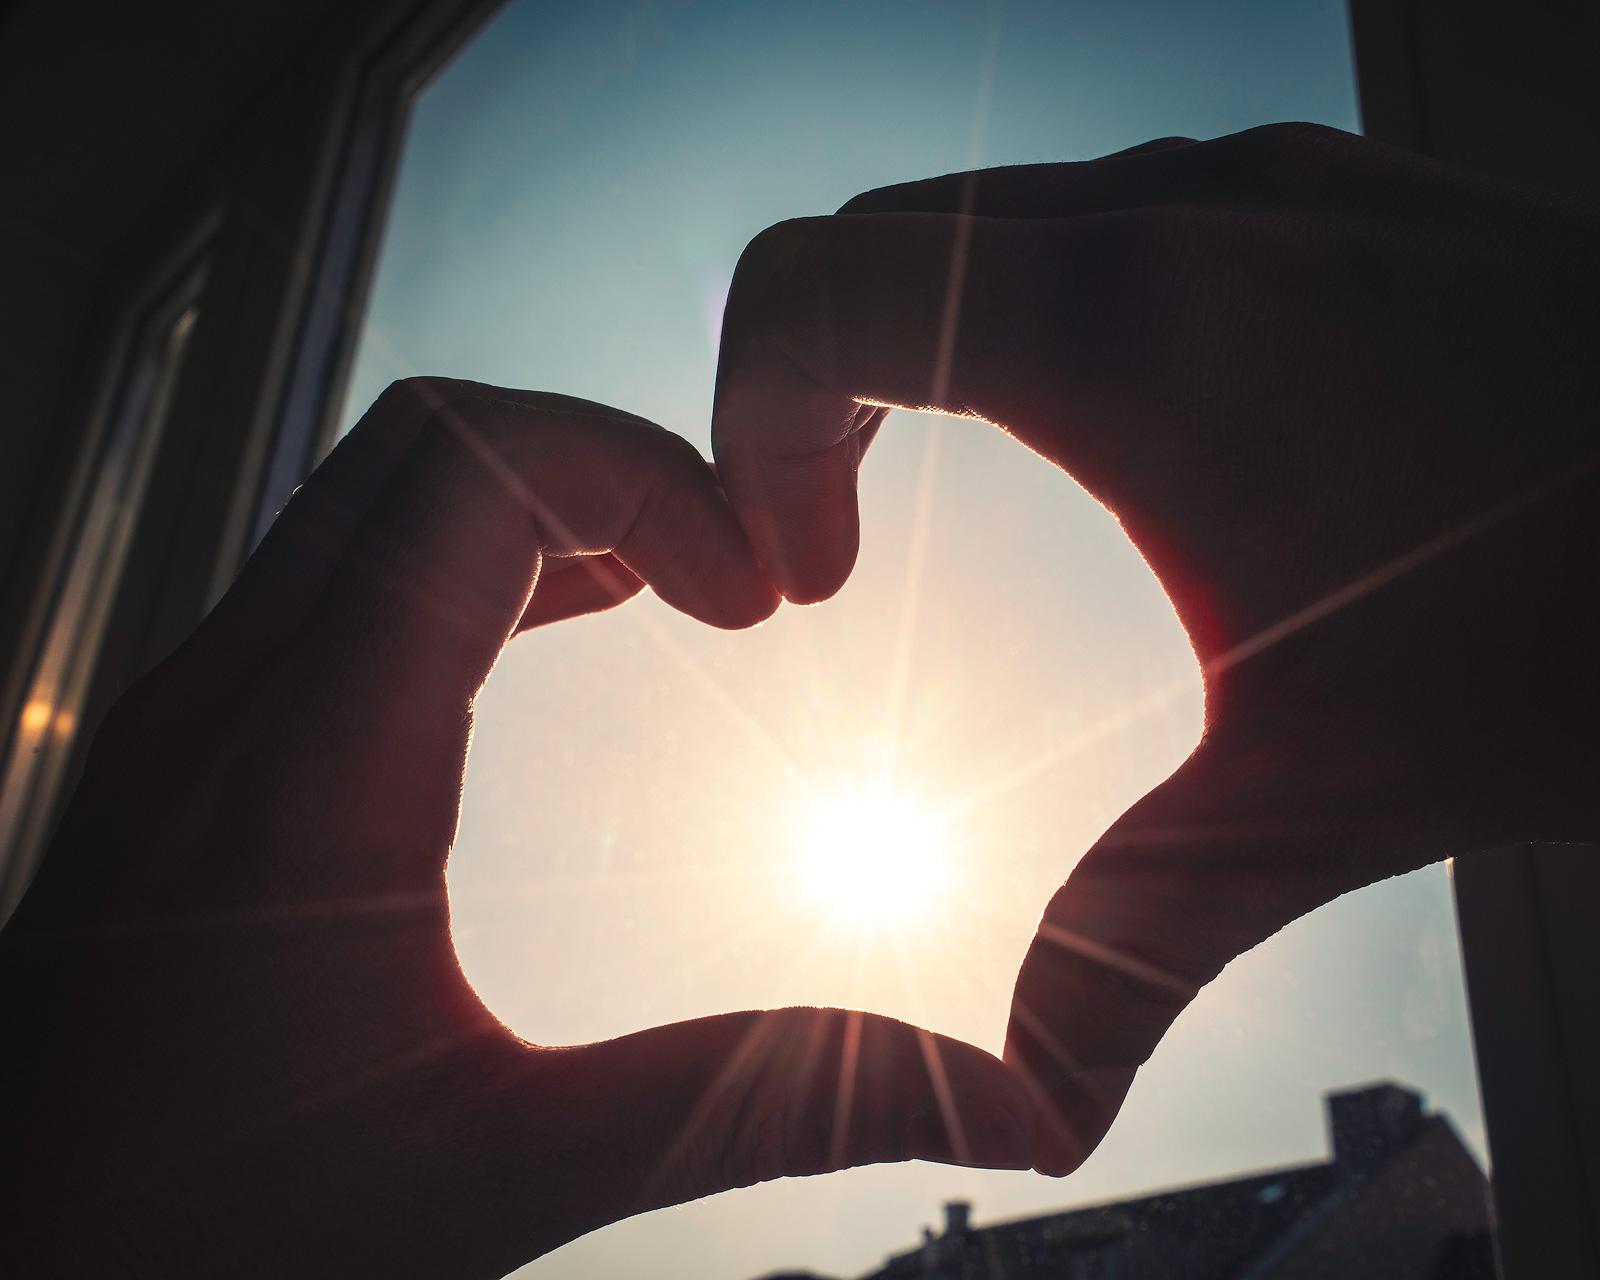 Hände formen ein Herz, die Sonne scheint hindurch